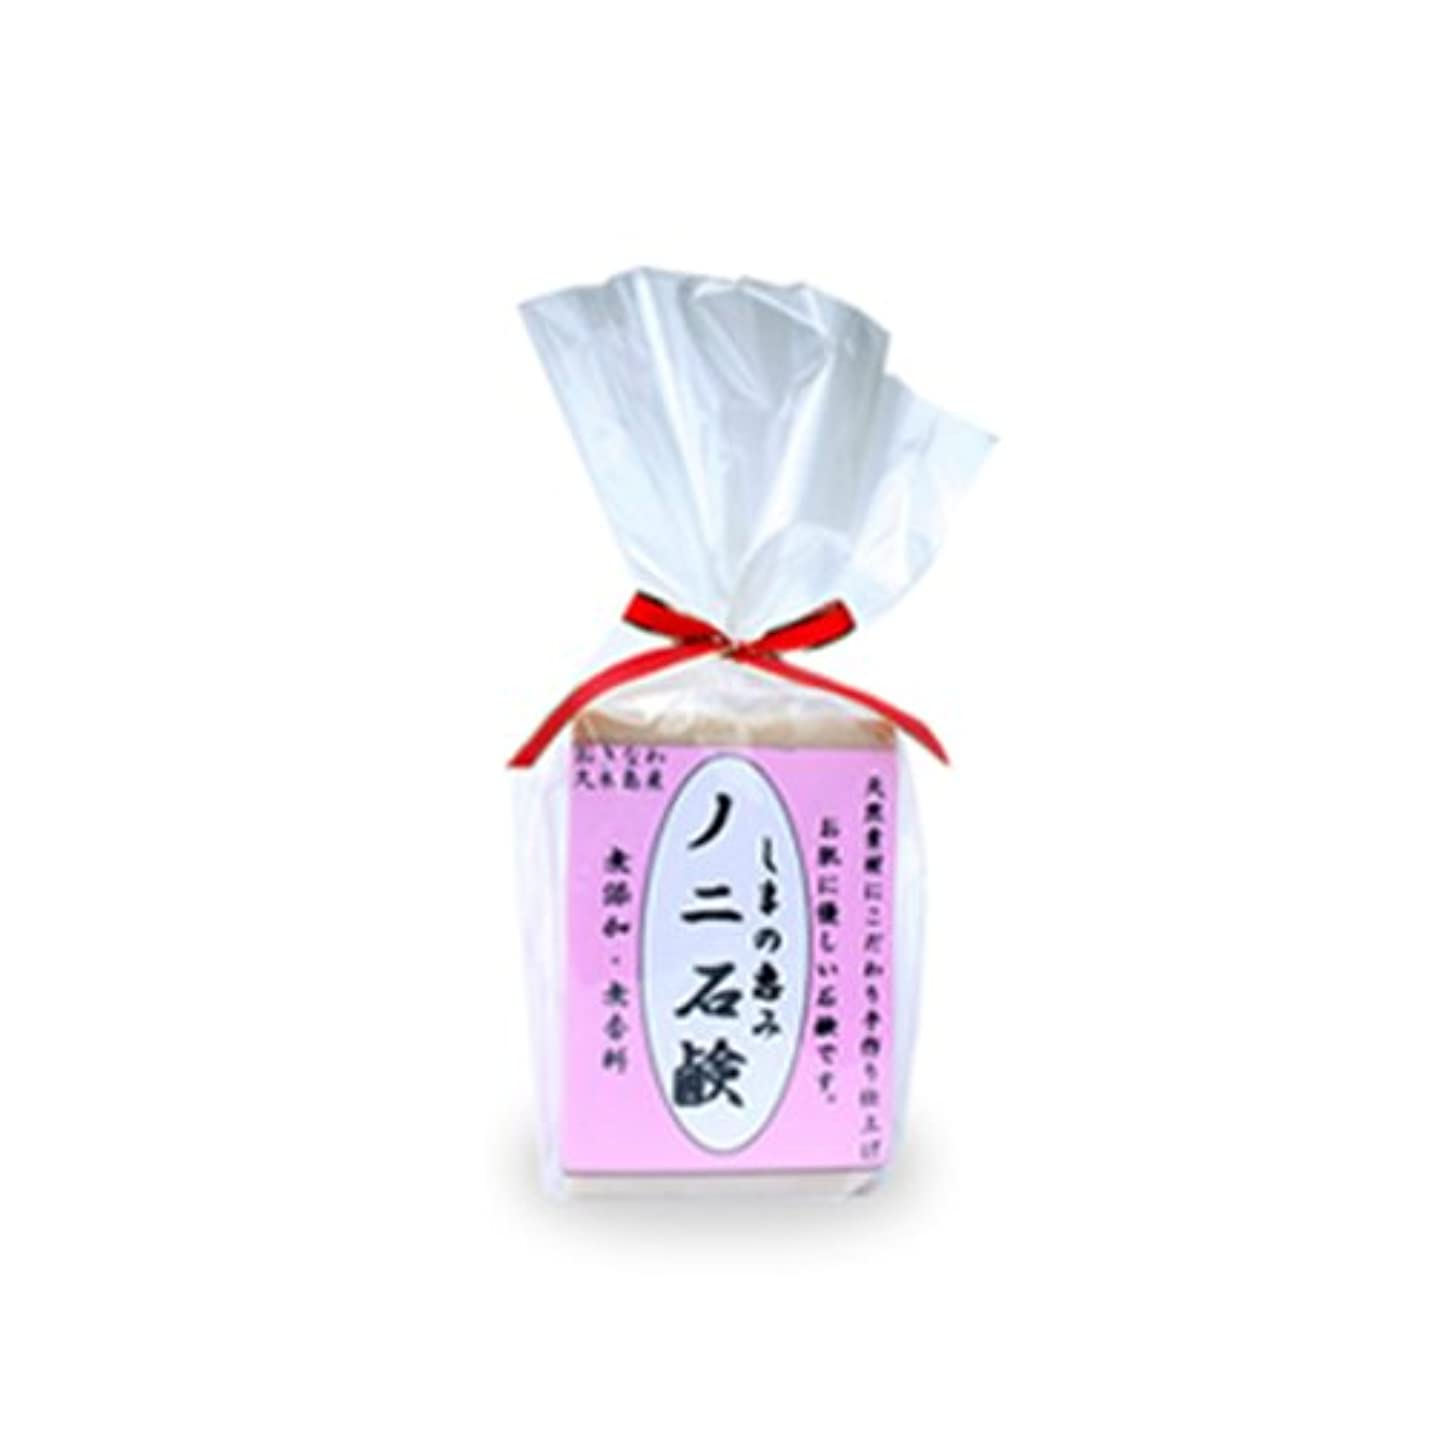 感覚妥協操作可能ノ二石鹸×3個 久米島物産販売 沖縄の海洋深層水ミネラルとノニを配合した無添加ソープ